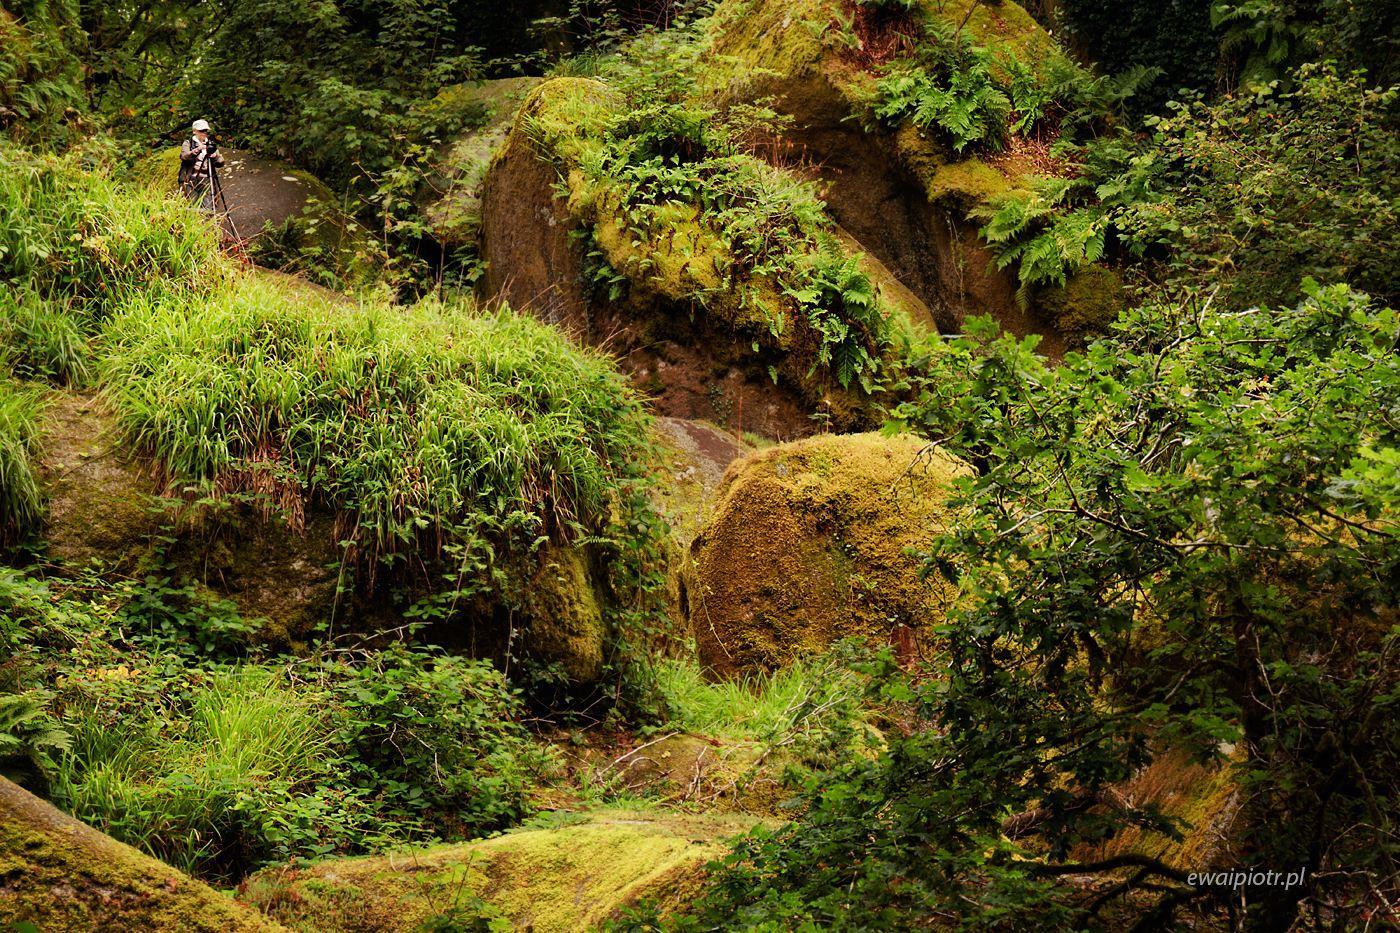 Głazy w lesie Huelgoat, Bretania